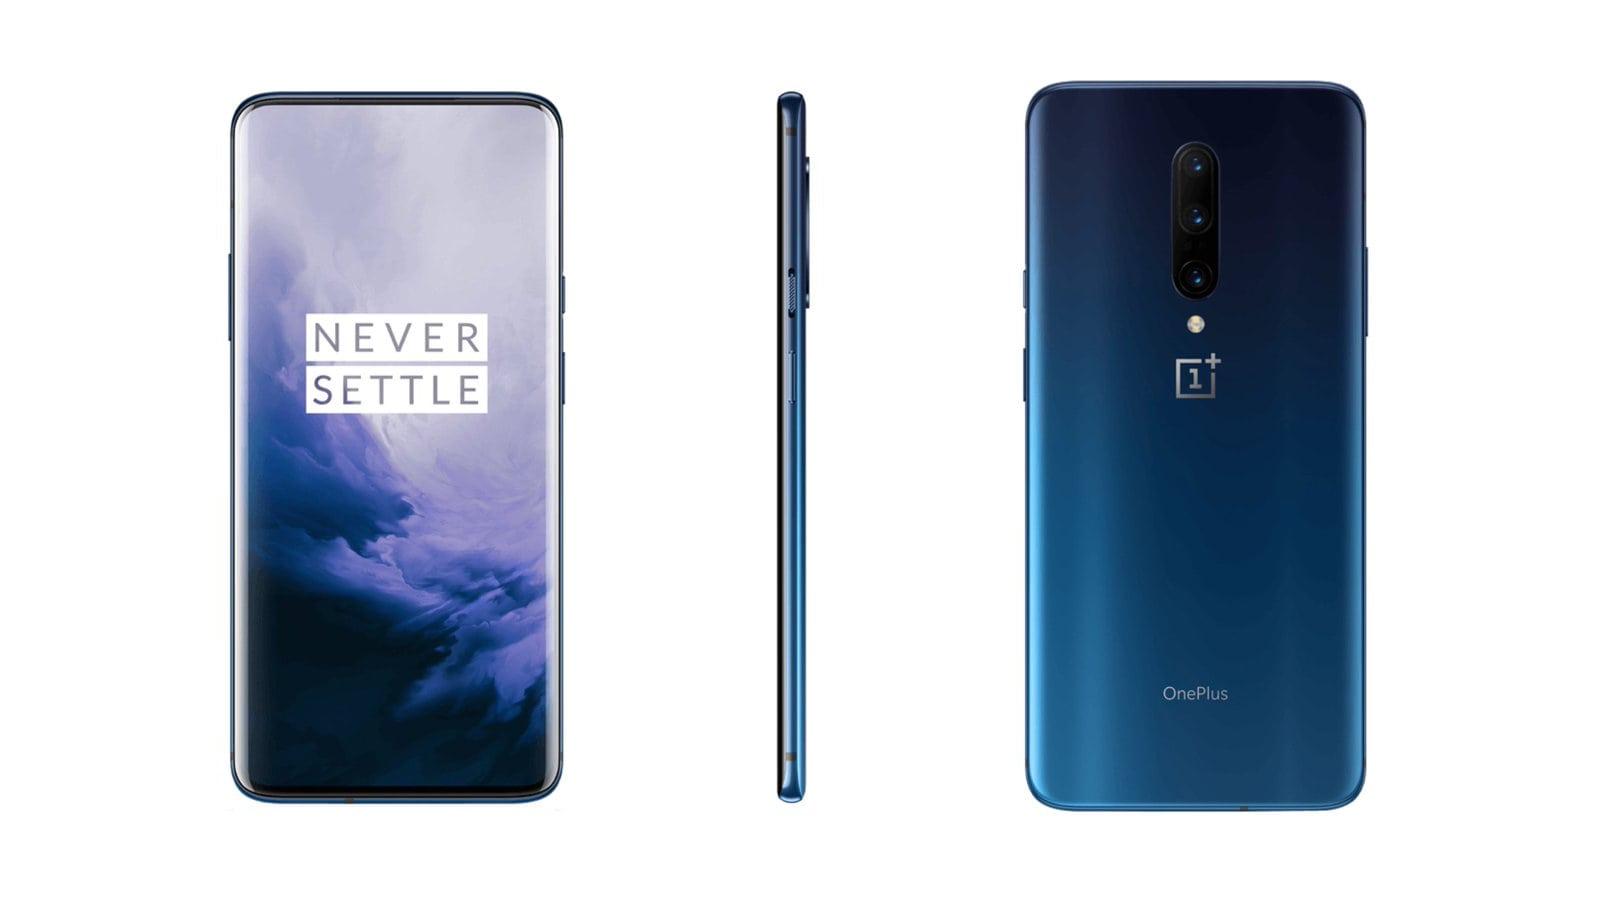 زیباترین گوشیهای 2019